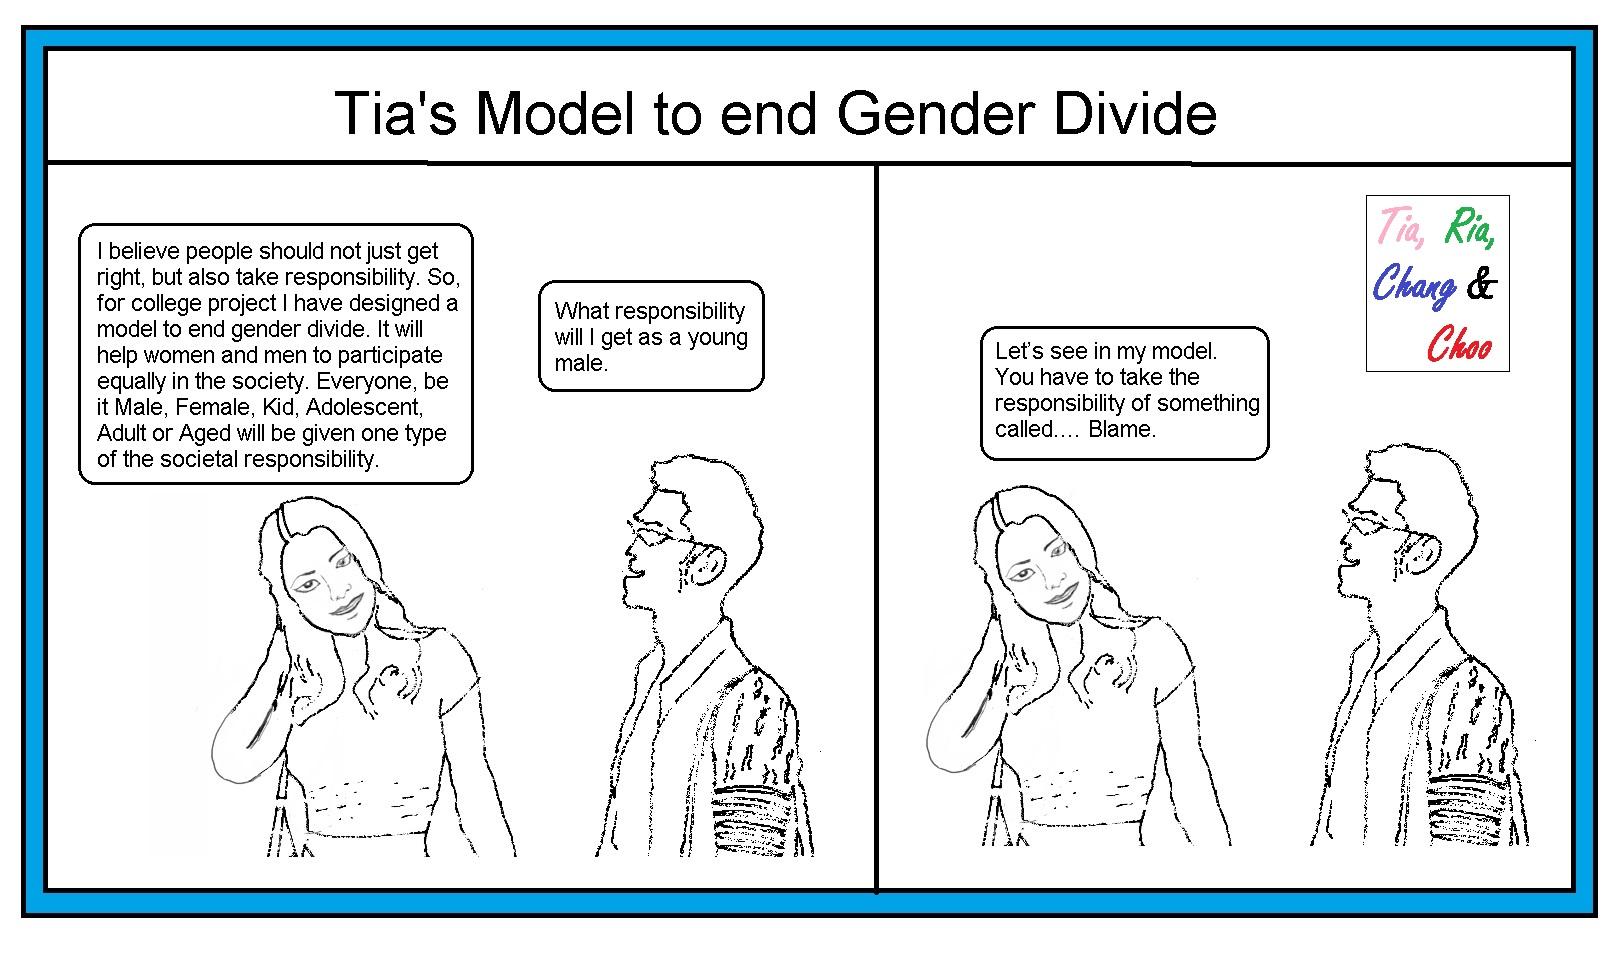 Tia's model to end Gender Divide